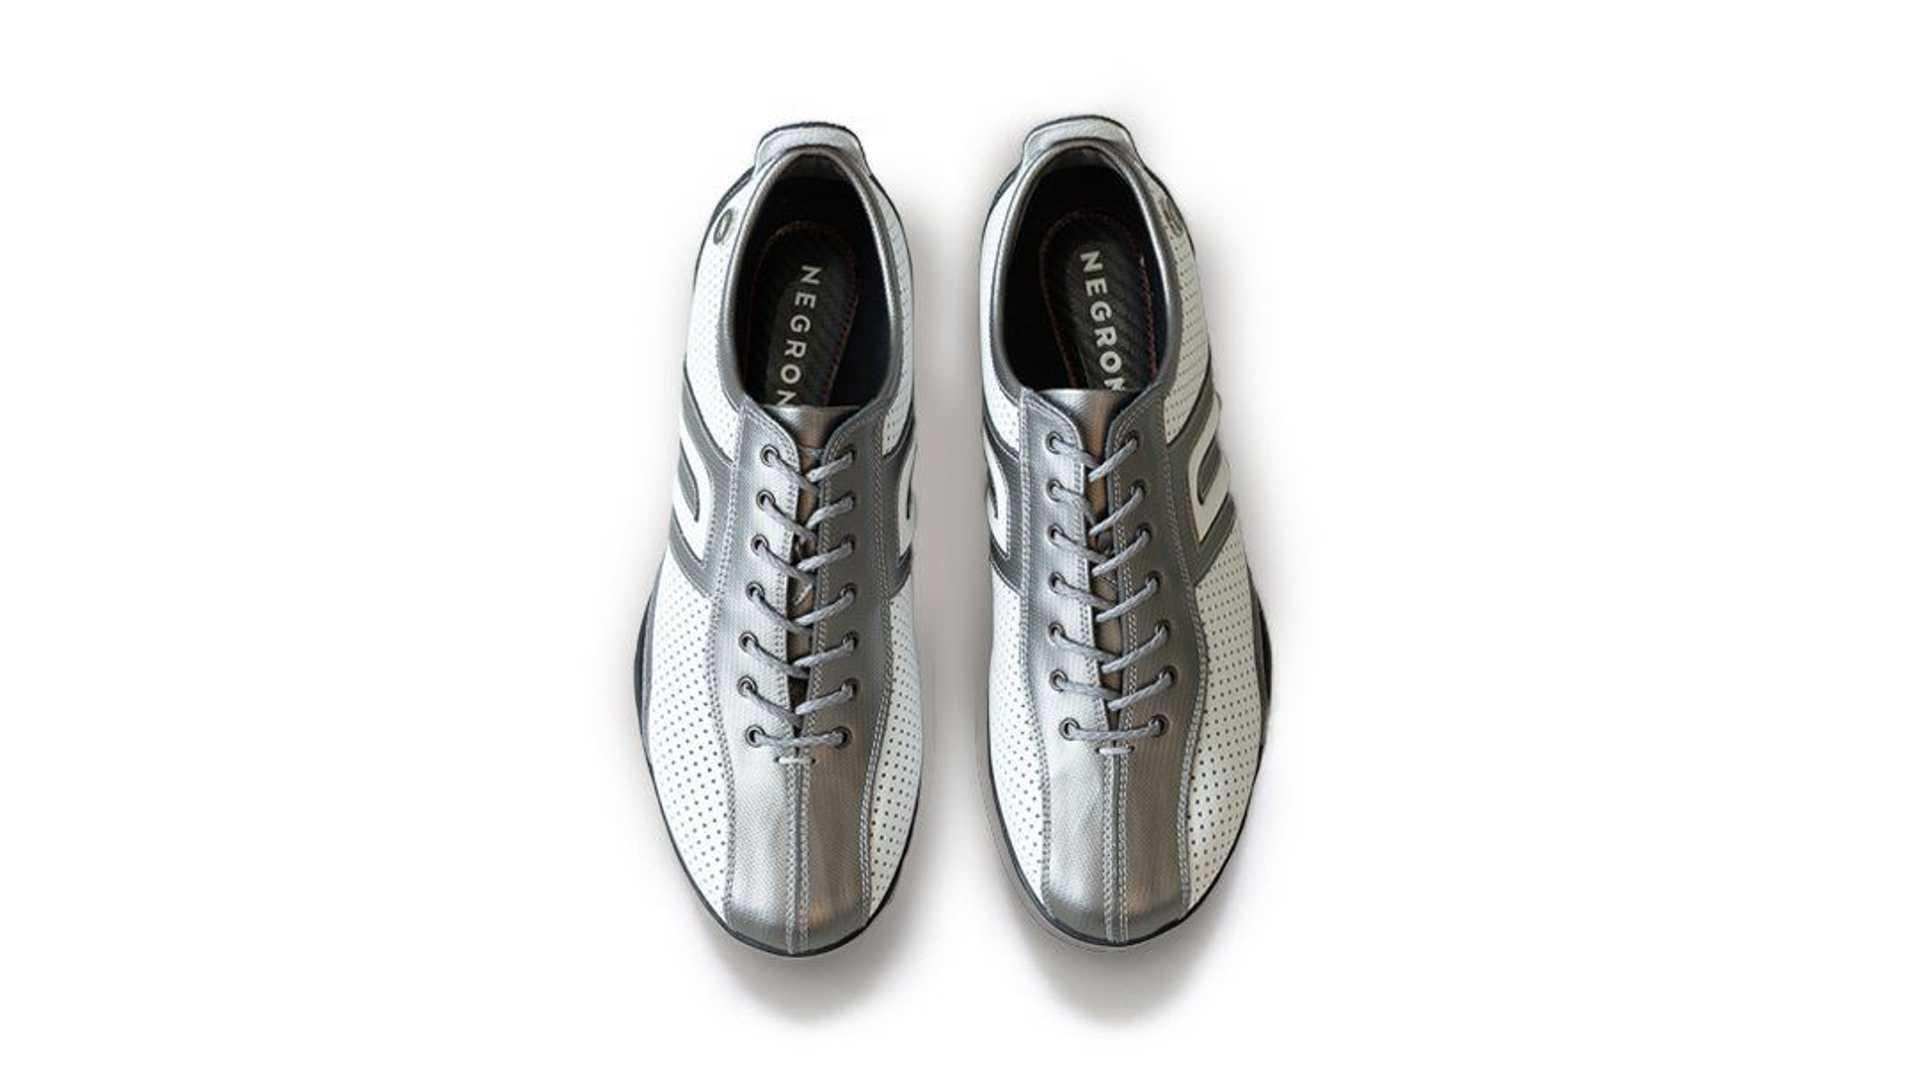 Negroni_Idea_Corsa-Nissan_Z_Shoes-0010